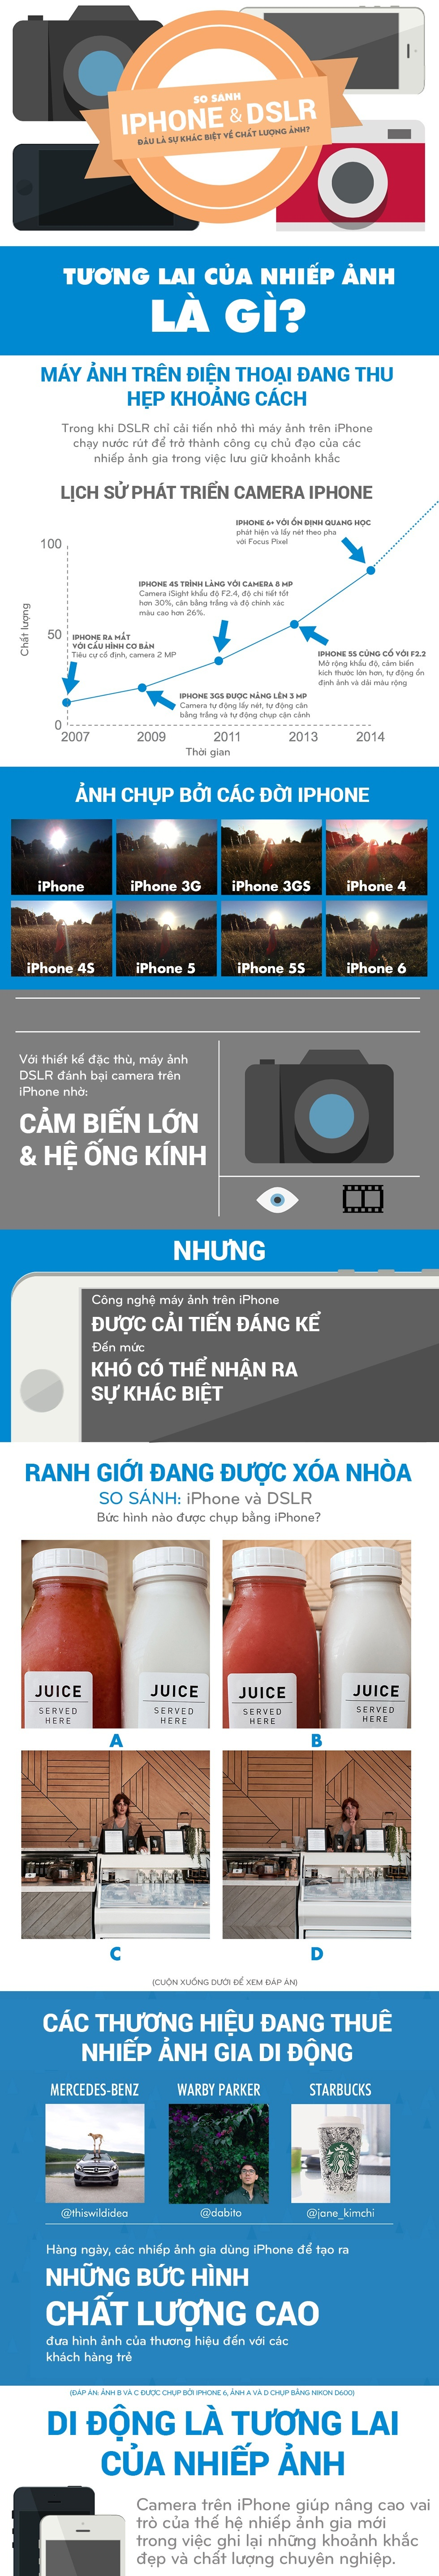 Infographic - So Sánh Camera iPhone và Máy ảnh DSLR